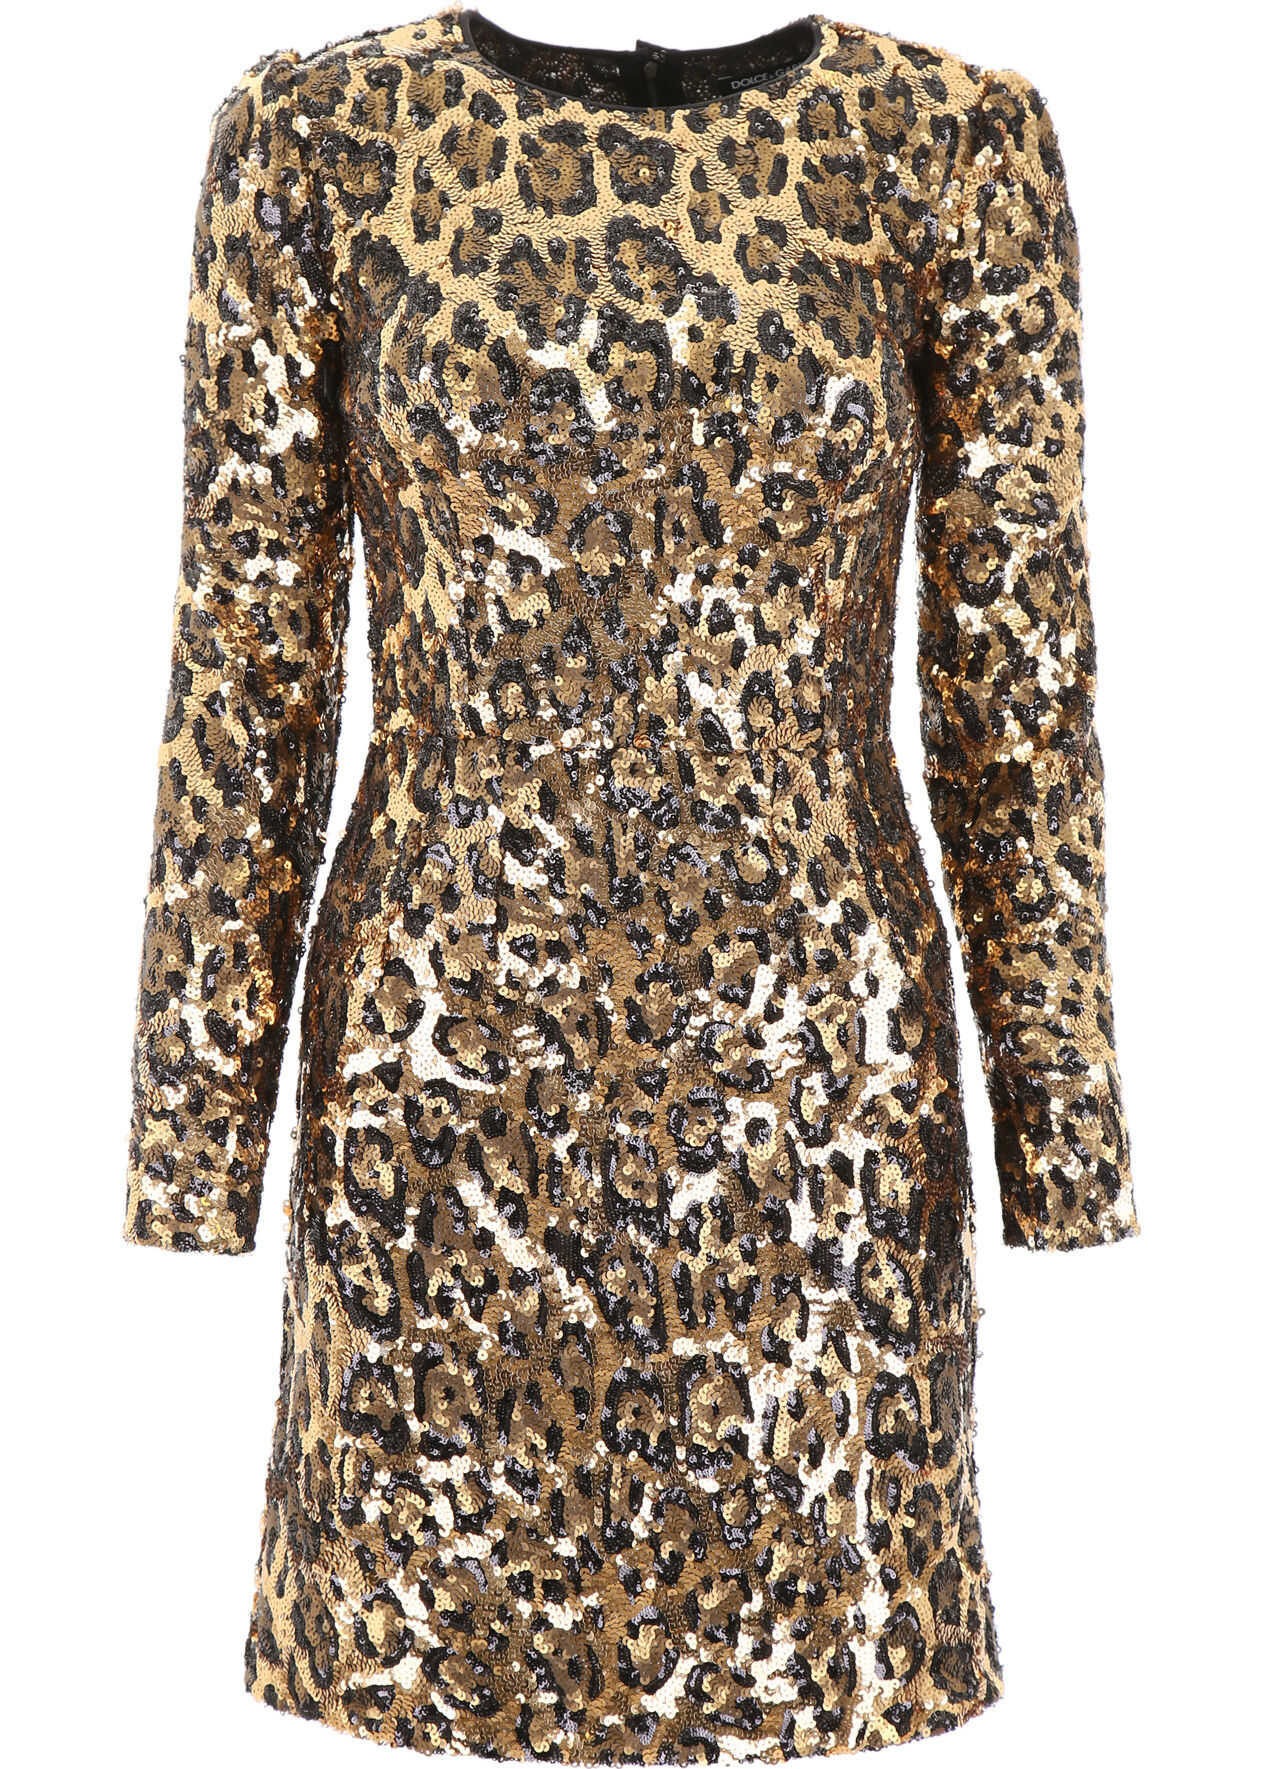 Dolce & Gabbana Leopard Print Sequins Dress MACULATO